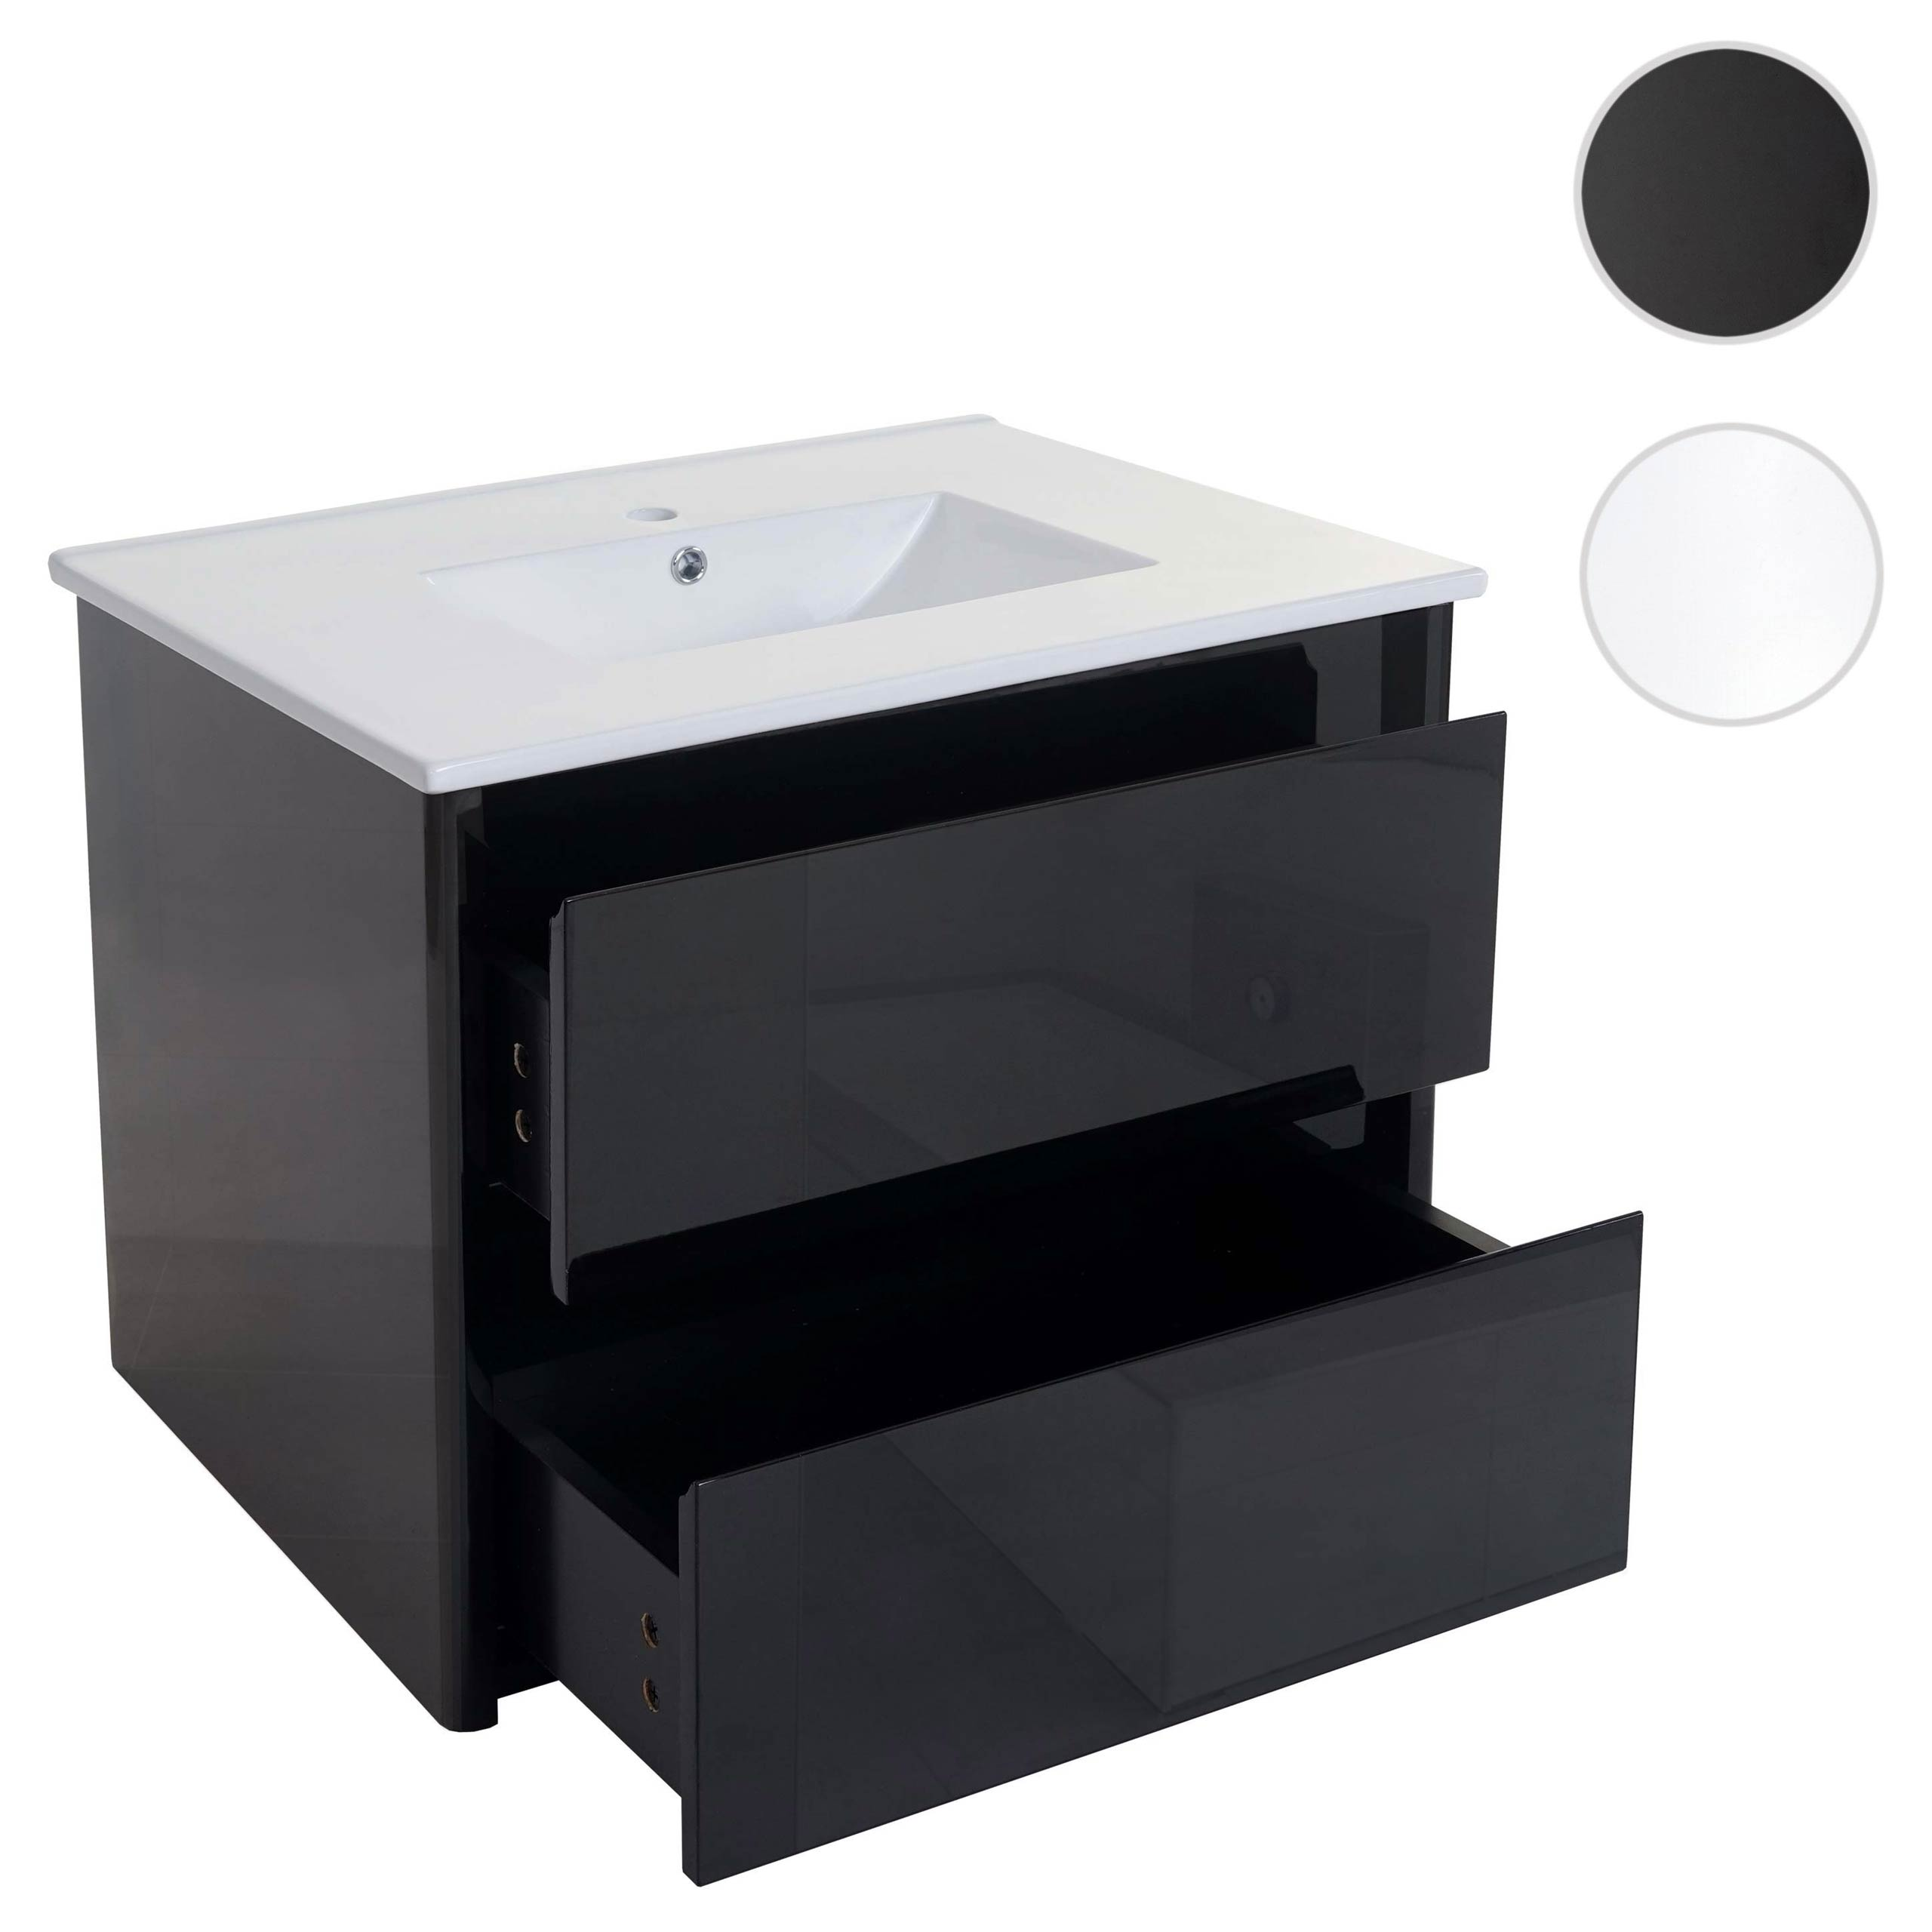 Mendler Waschbecken + Unterschrank HWC-B19, Waschbecken Waschtisch Badezimmer, hochglanz 50x80cm ~ Varianten 57628+57627